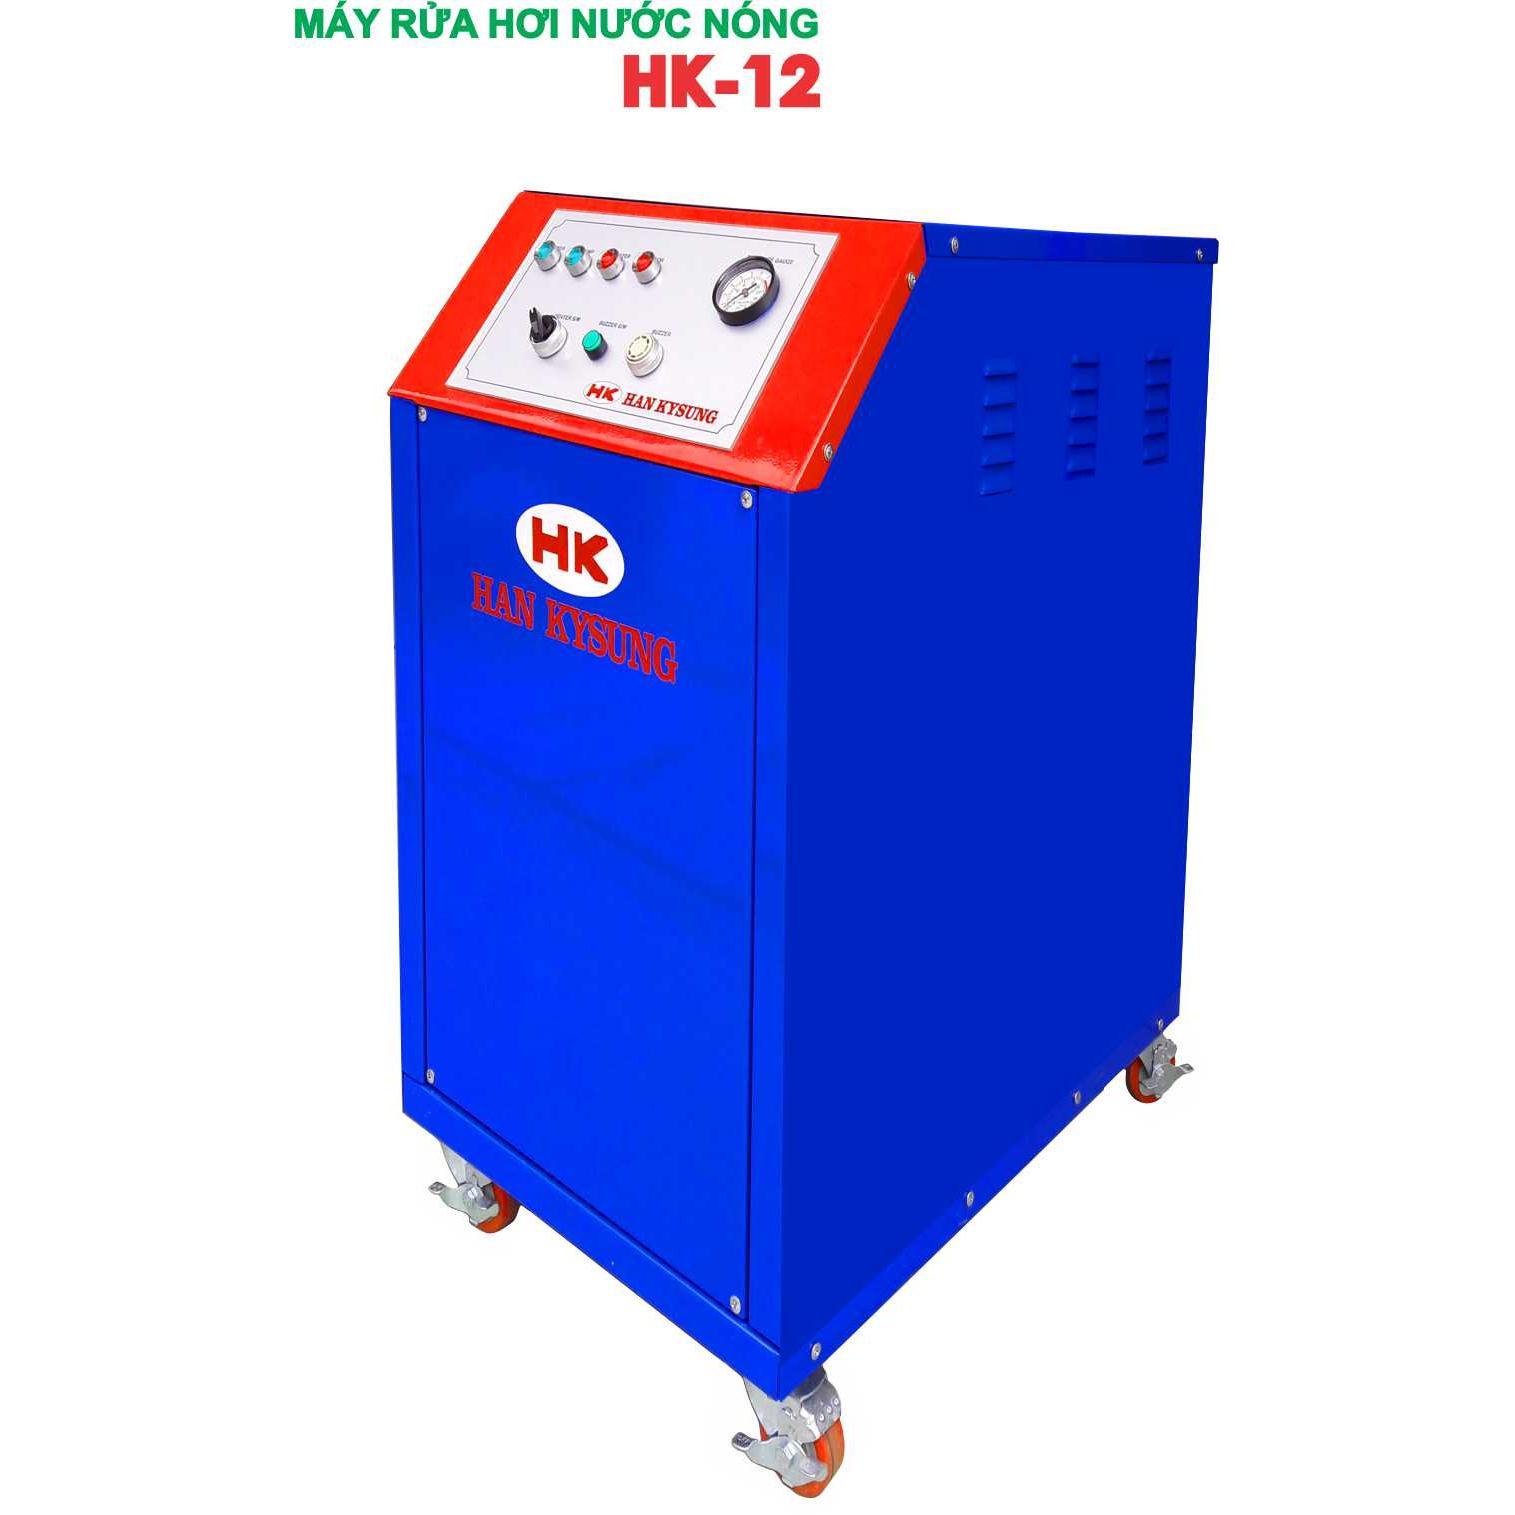 Máy rửa xe bằng hơi nước nóng HK-12